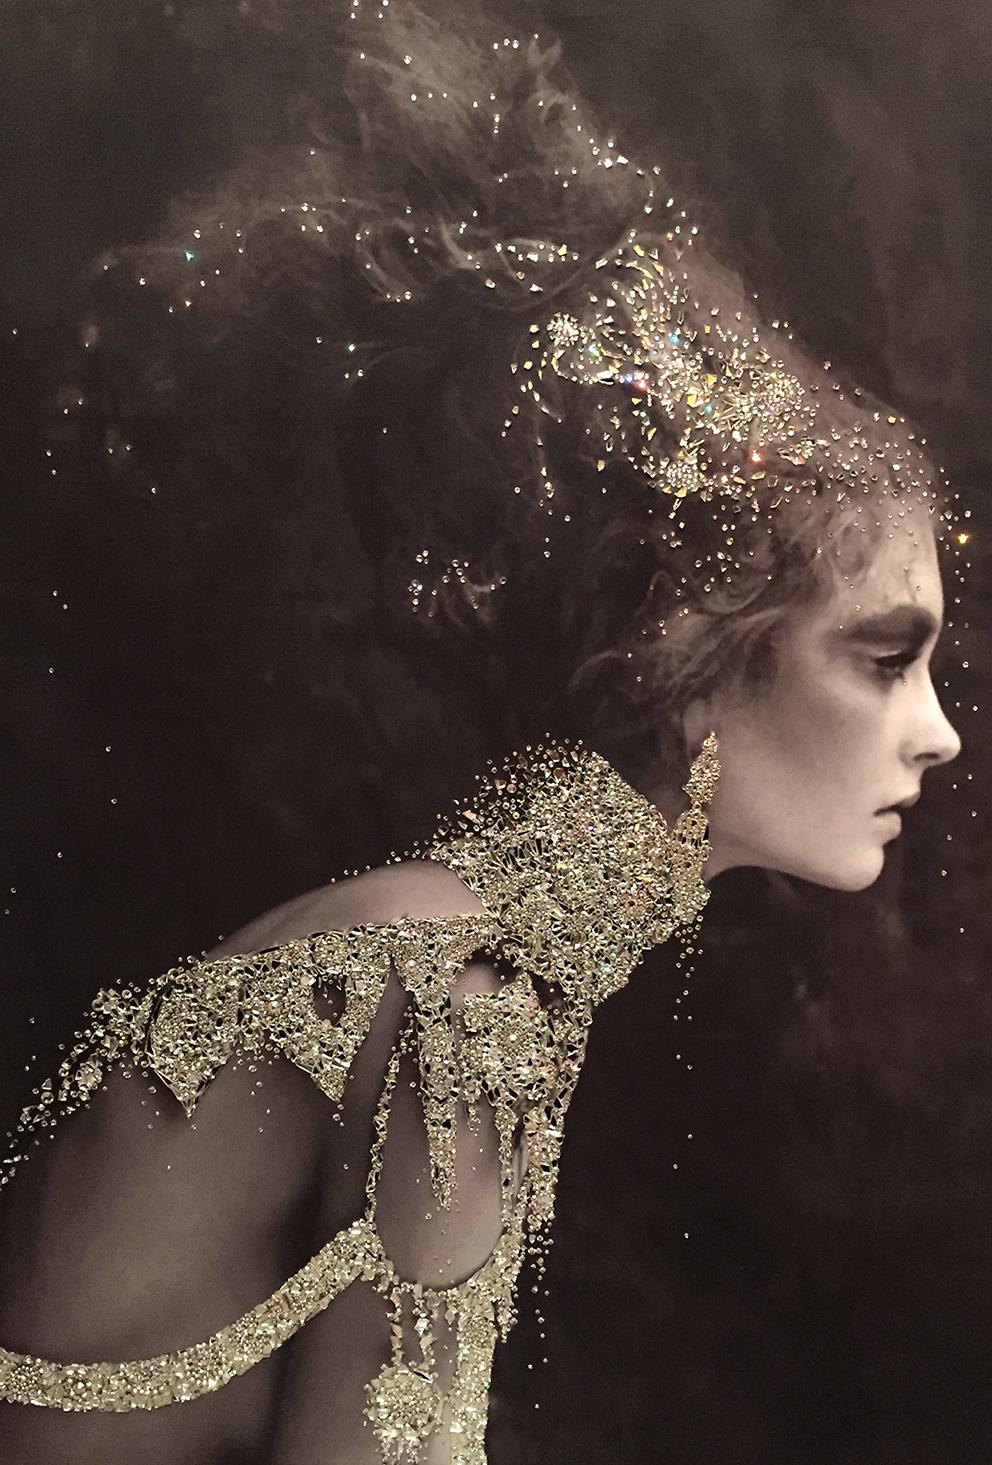 GUERRA - VanitartCollezione Le Regine GuerriereMisura 70x100 cmLavorazione in cristalli Swarovski e Specchi